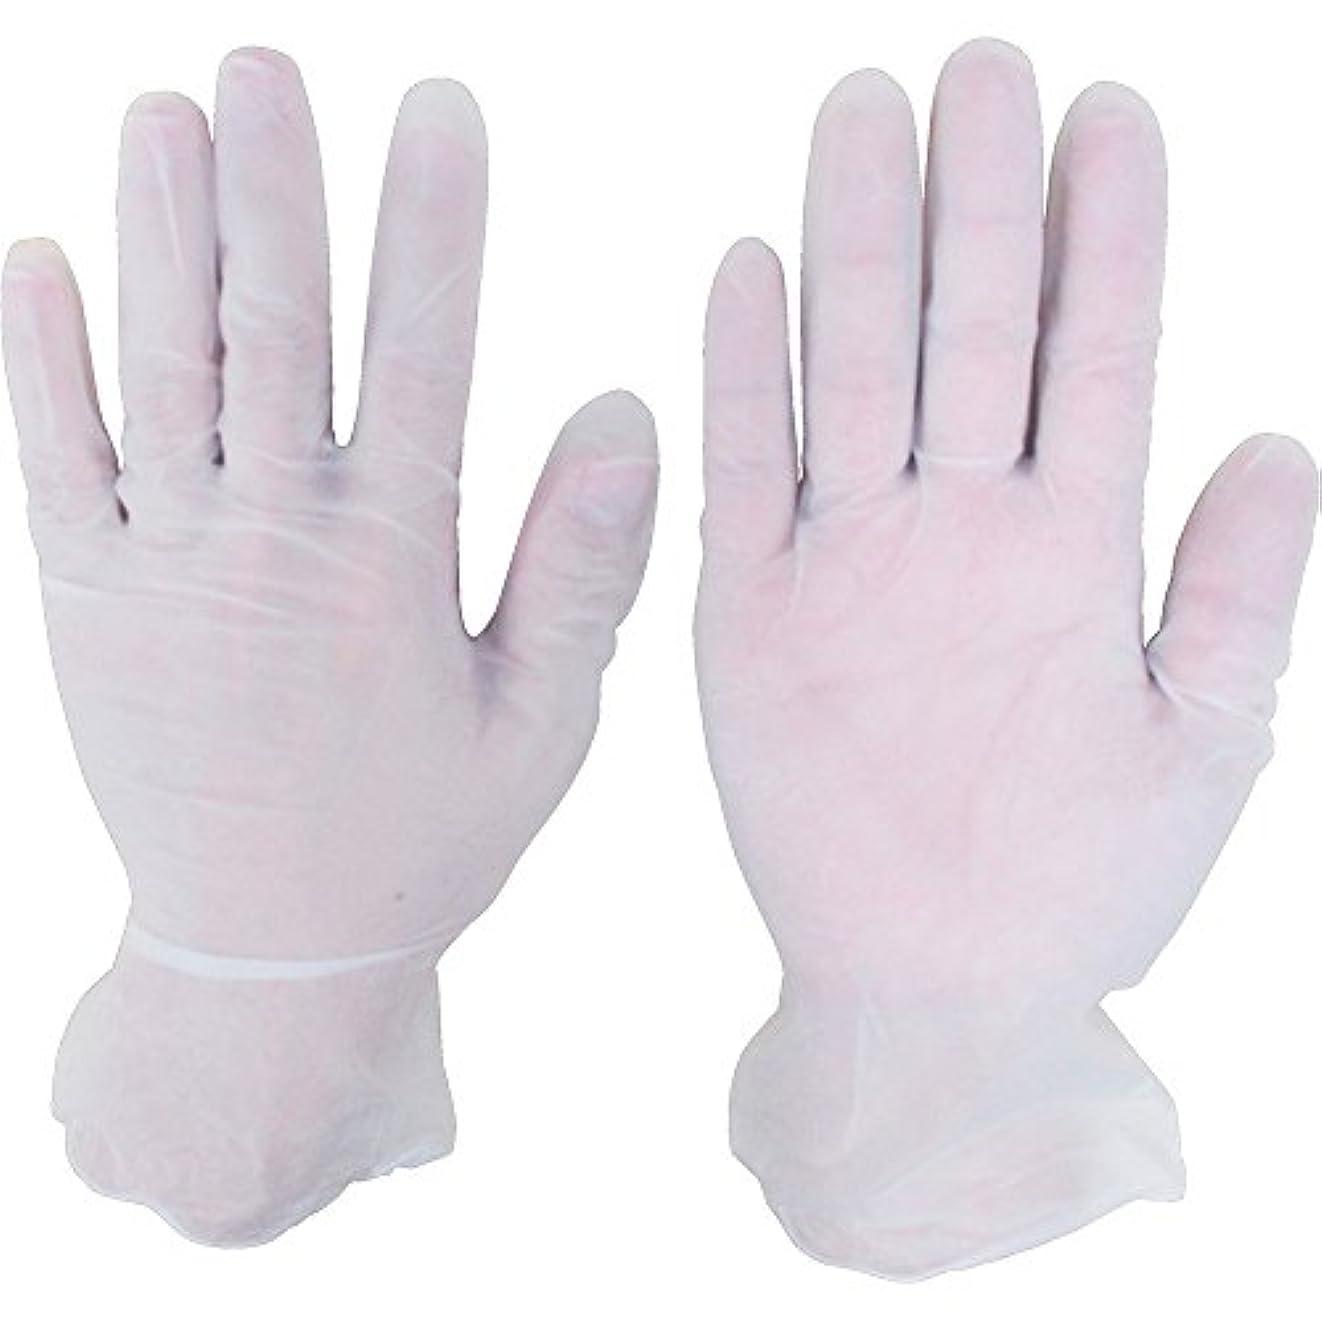 暗いローズウェブシンガー プラスチックグローブNo8100PF Lサイズ (100枚入) D201-L ビニール使い捨て手袋